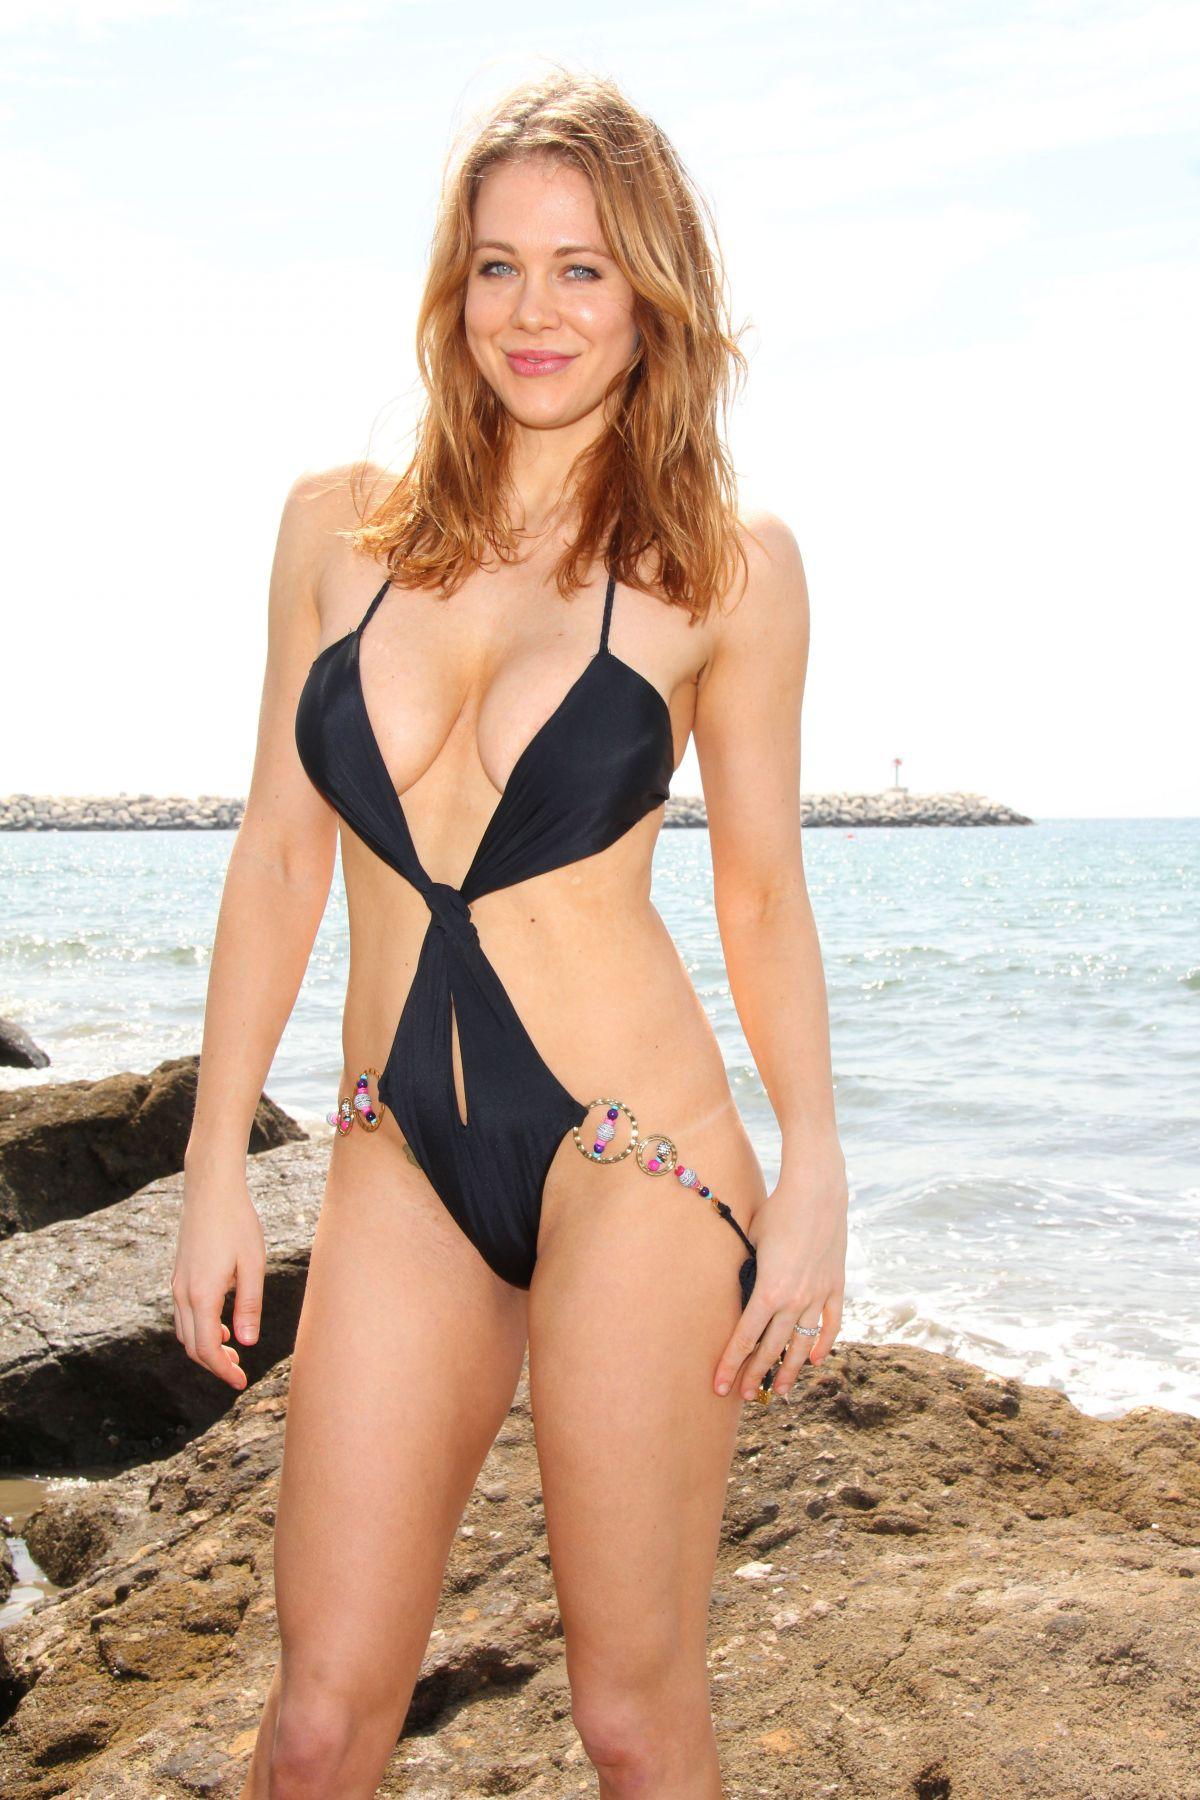 Bikini Maitland Ward Baxter nudes (68 foto and video), Tits, Is a cute, Twitter, in bikini 2015